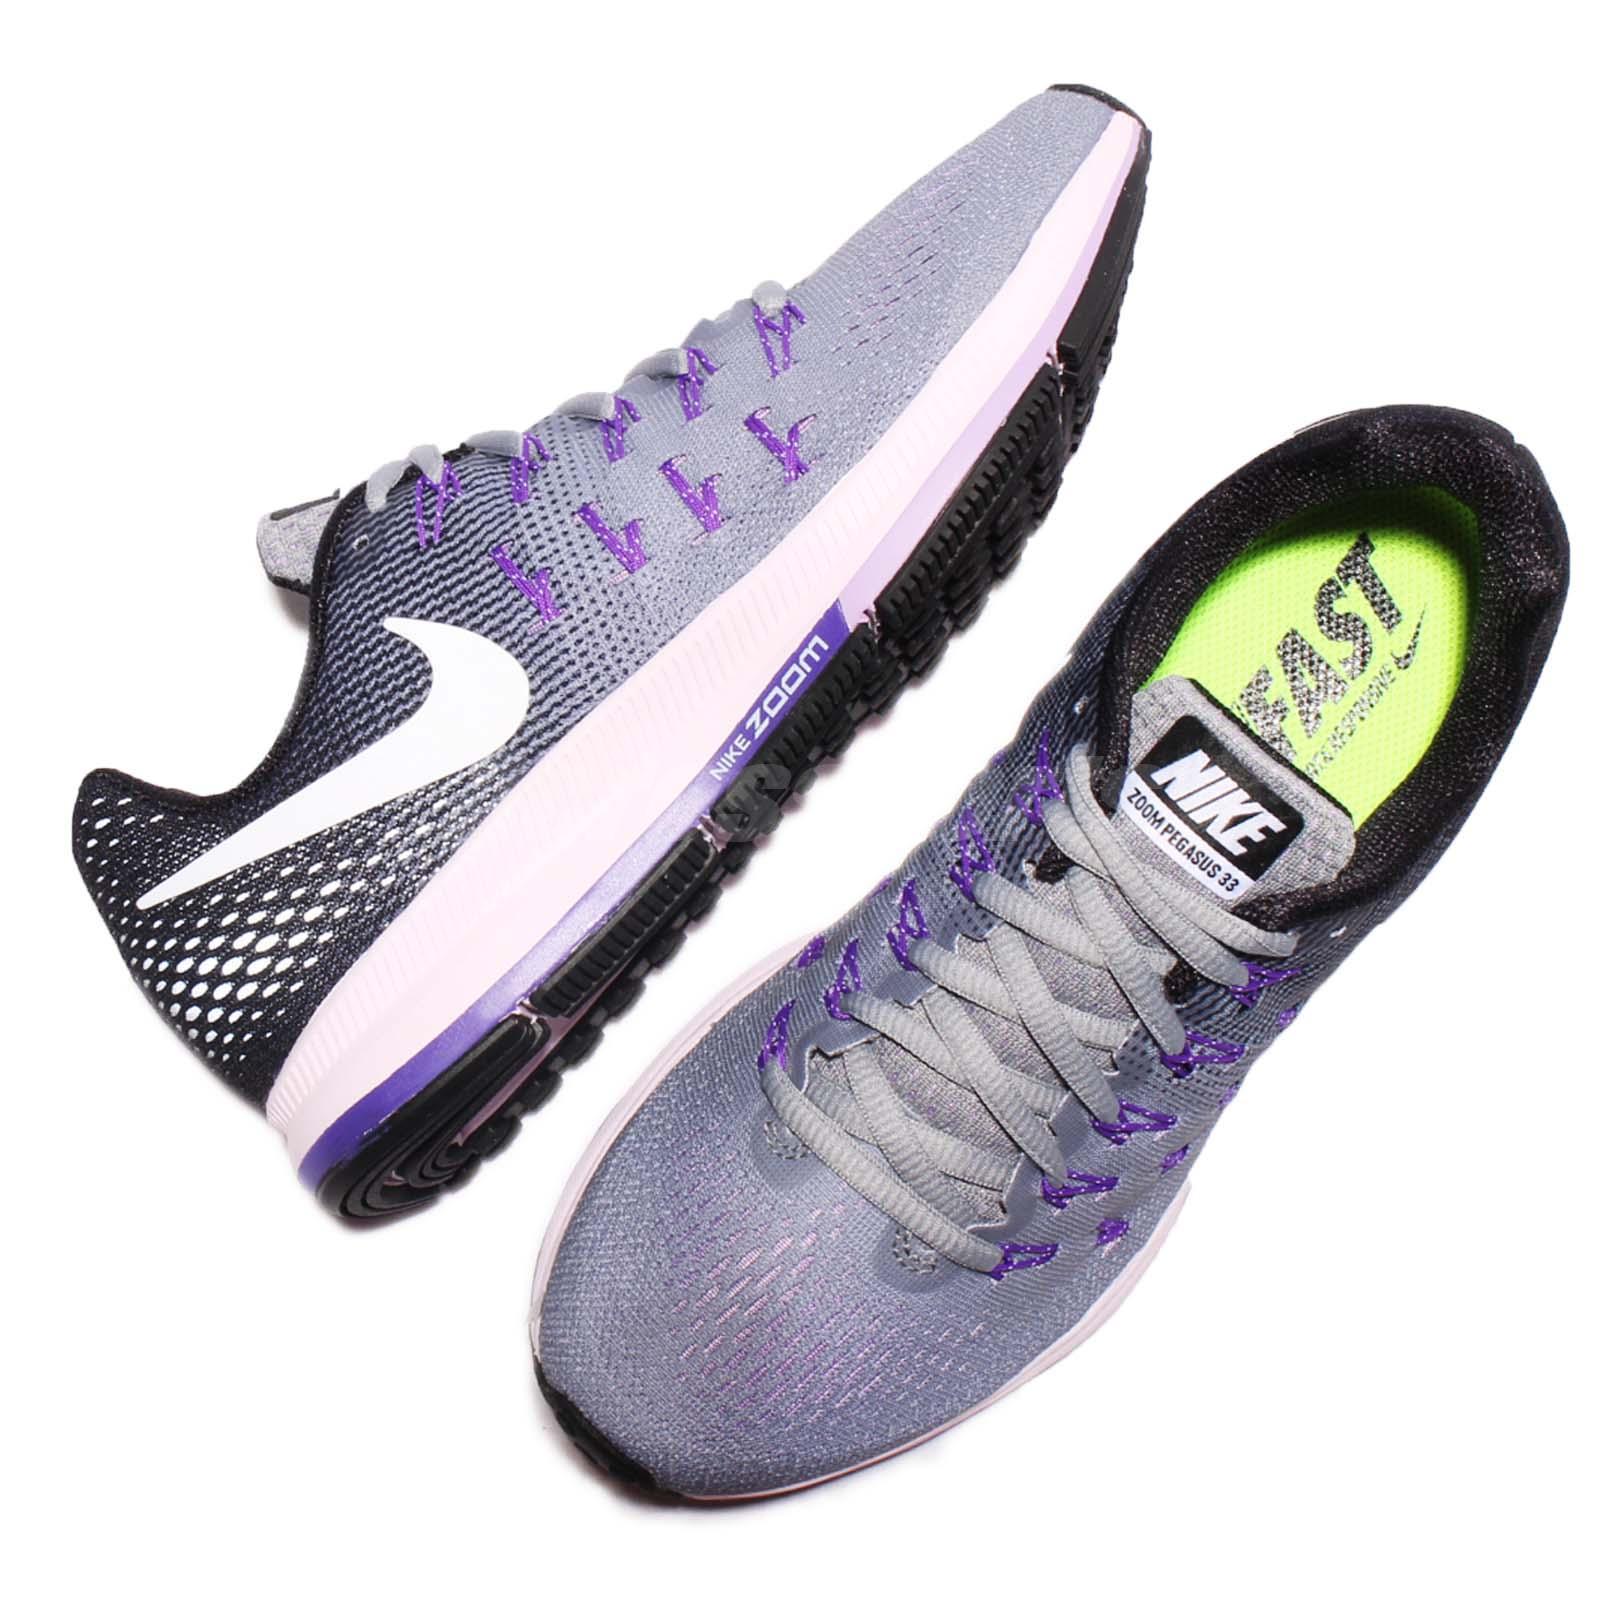 Nike Air Zoom Pegasus 33 Bottes De Cow-boy Violet Femmes nXHxn